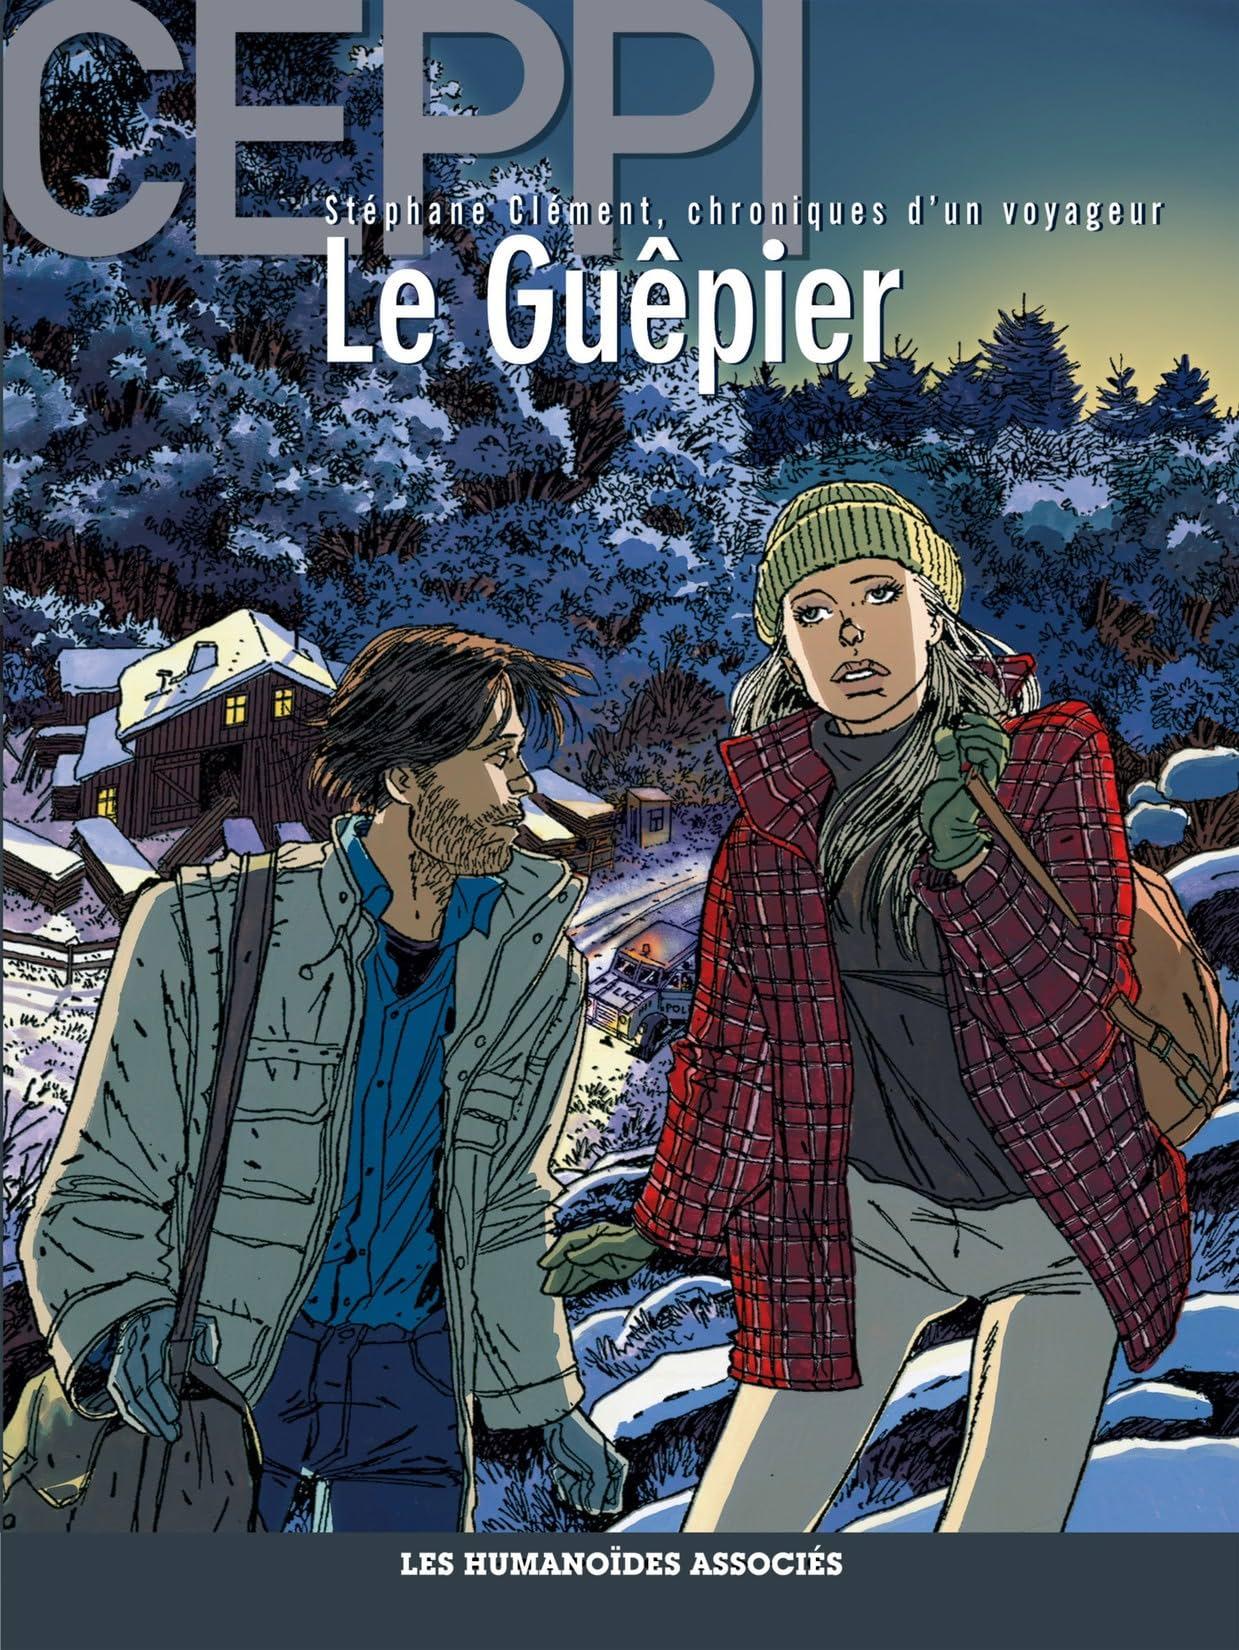 Stéphane Clément, chroniques d'un voyageur Vol. 1: Le Guêpier